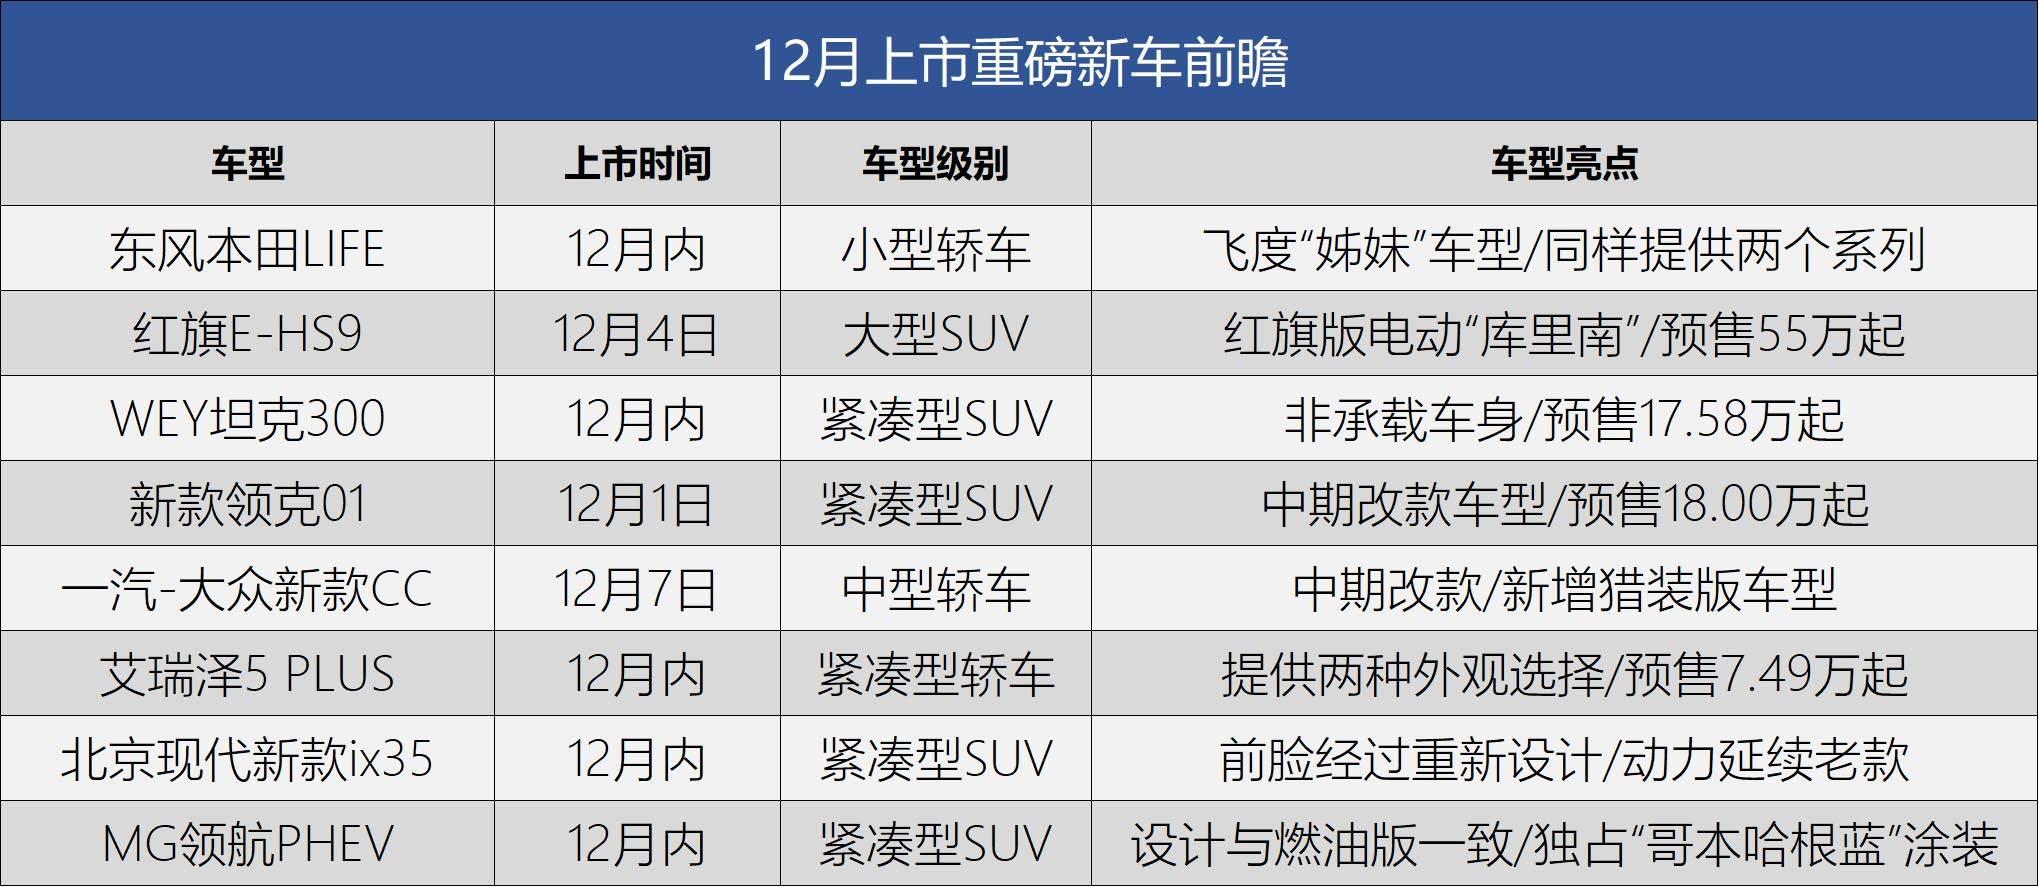 东风本田LIFE/红旗E-HS9等 12月这些重磅新车即将上市